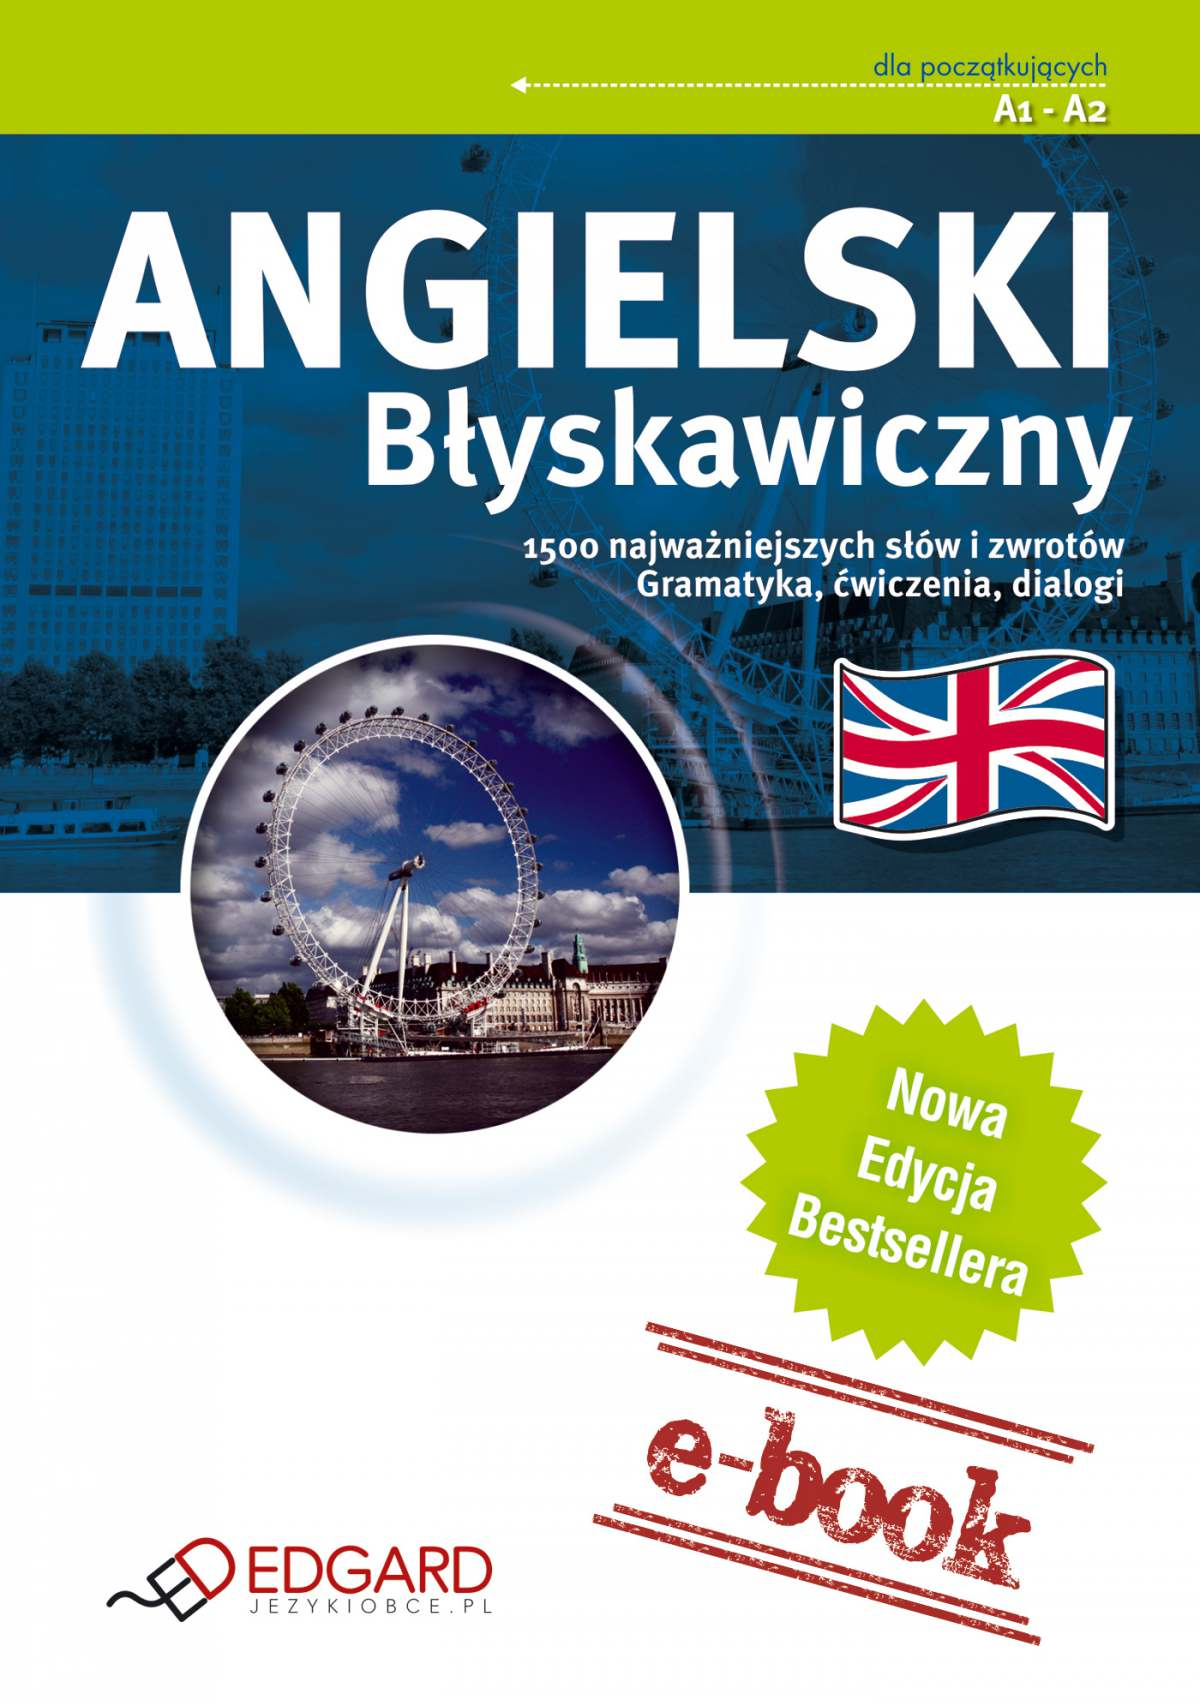 Angielski Błyskawiczny - Ebook (Książka na Kindle) do pobrania w formacie MOBI